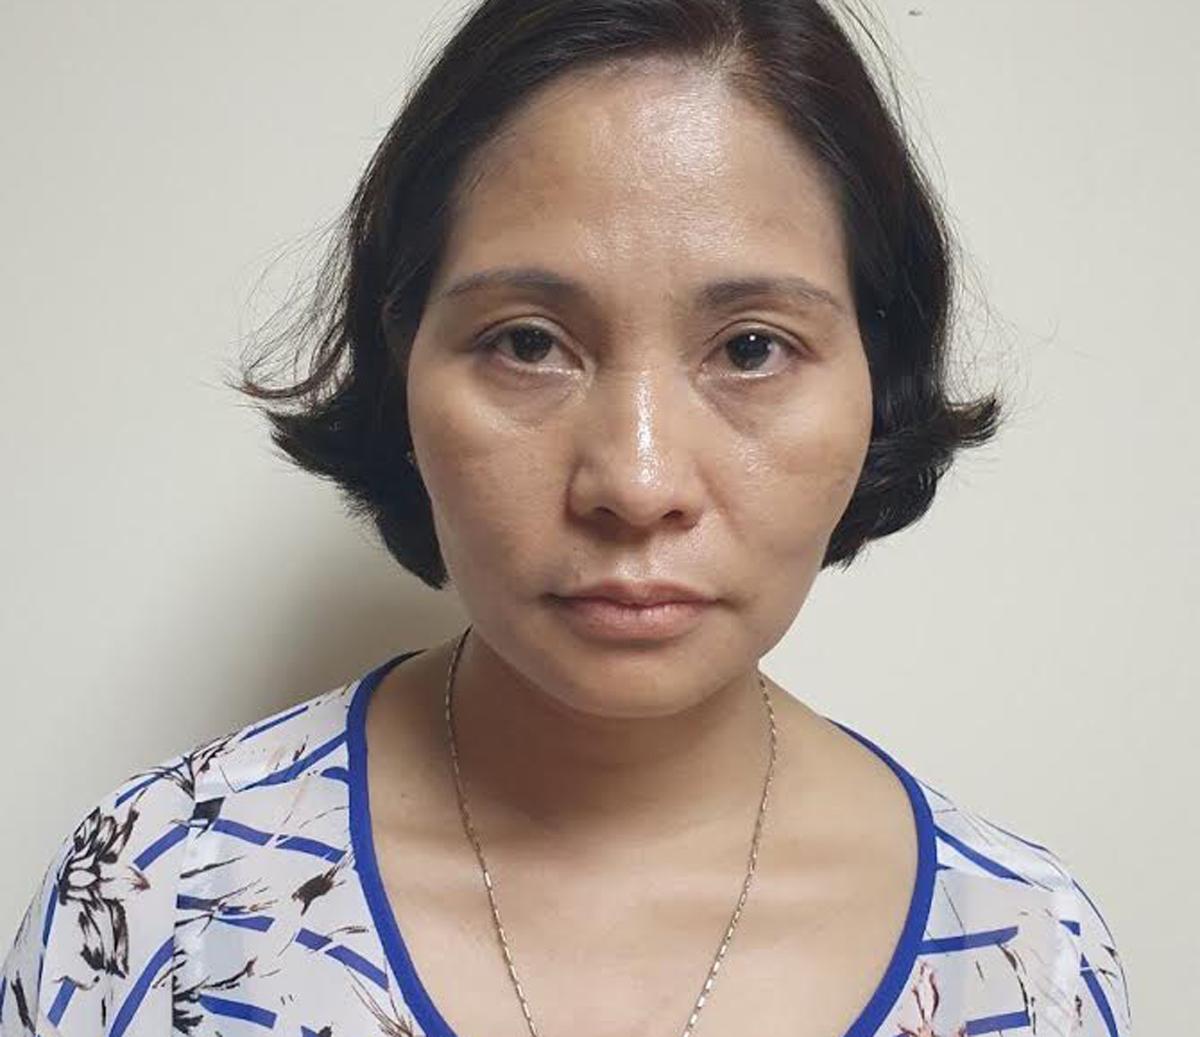 Nguyễn Thị Kim Dung trưởng phòng Tổ chức hành chính CDC Hà Nội. Ảnh: Công an cung cấp